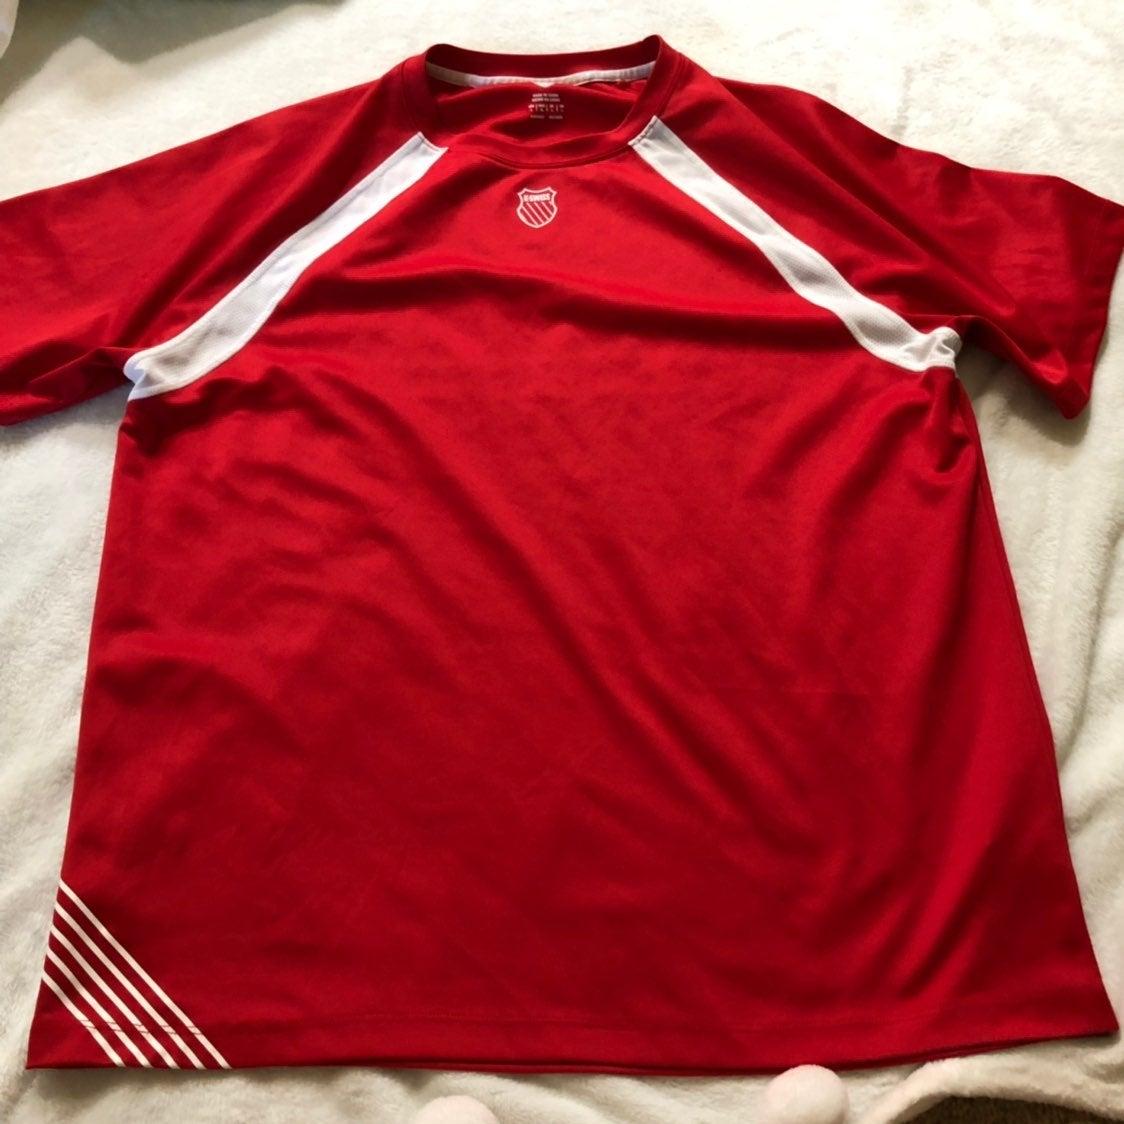 K-Swiss mens shirt